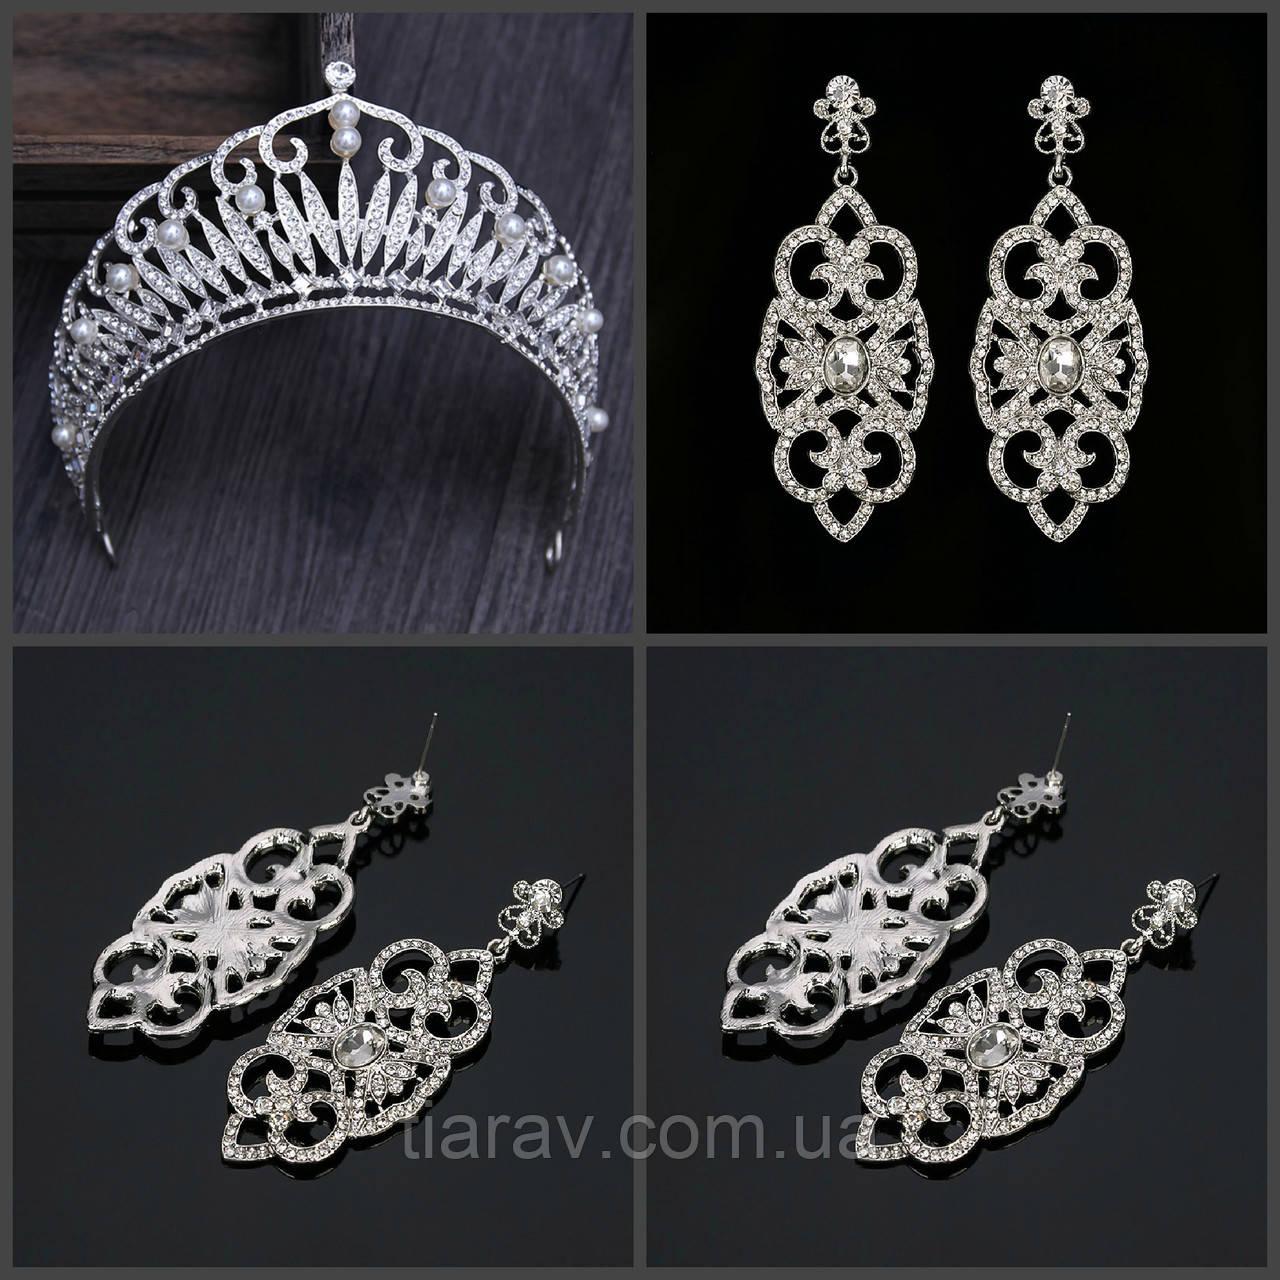 Диадема и серьги САМАНТА набор бижутерии свадебные украшения короны тиары аксессуары